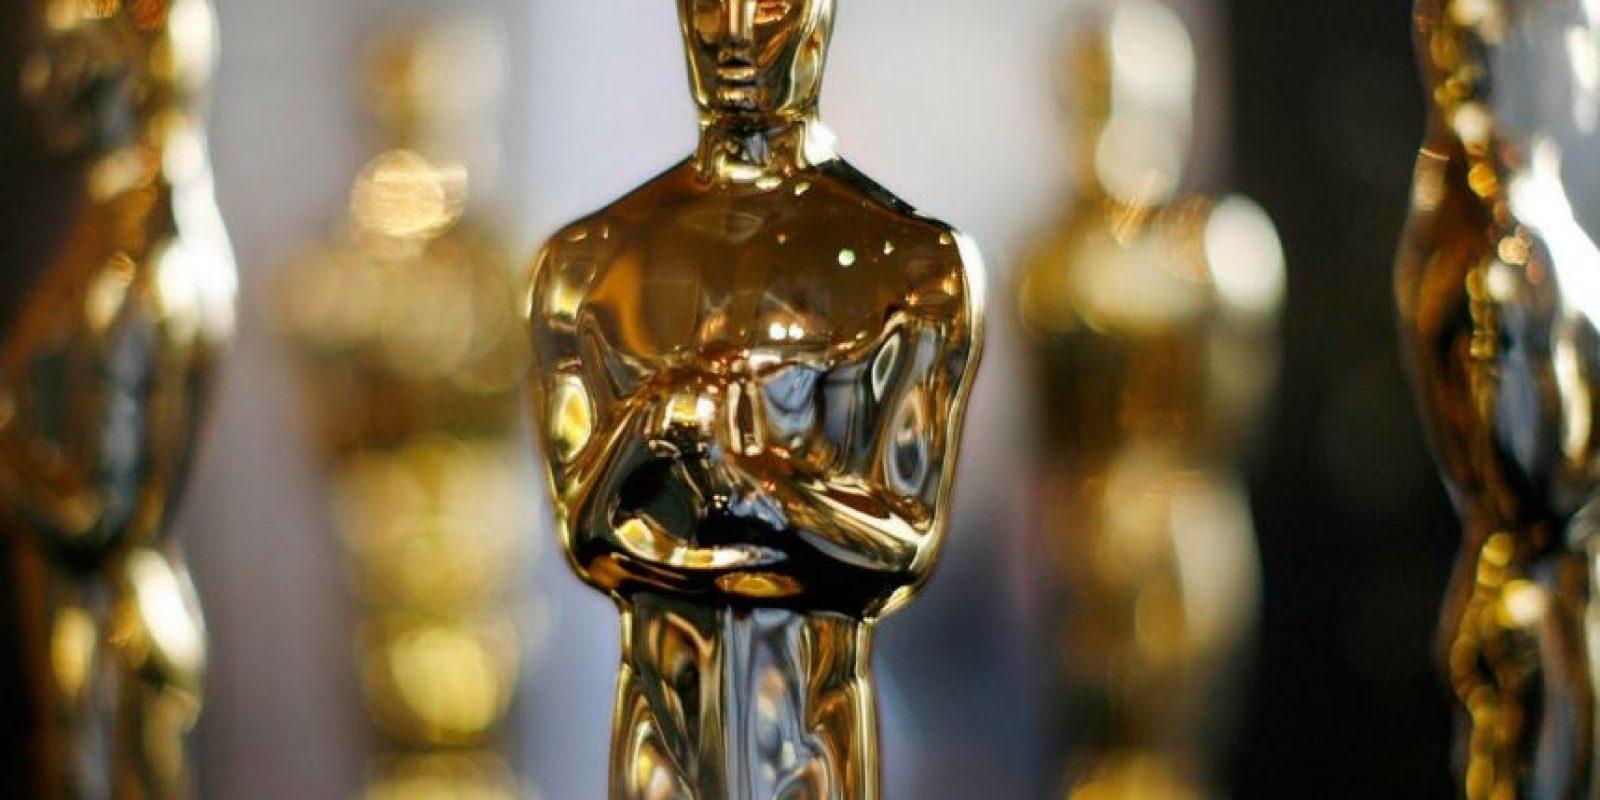 9- Premios Óscar. Una de las ceremonias más prestigiosas del mundo es la que anualmente hace la Academia de las Artes y las Ciencias Cinematográficas para reconocer la excelencia de los profesionales de esta industria. (Domingo 28 de febrero) Foto:Fuente Externa